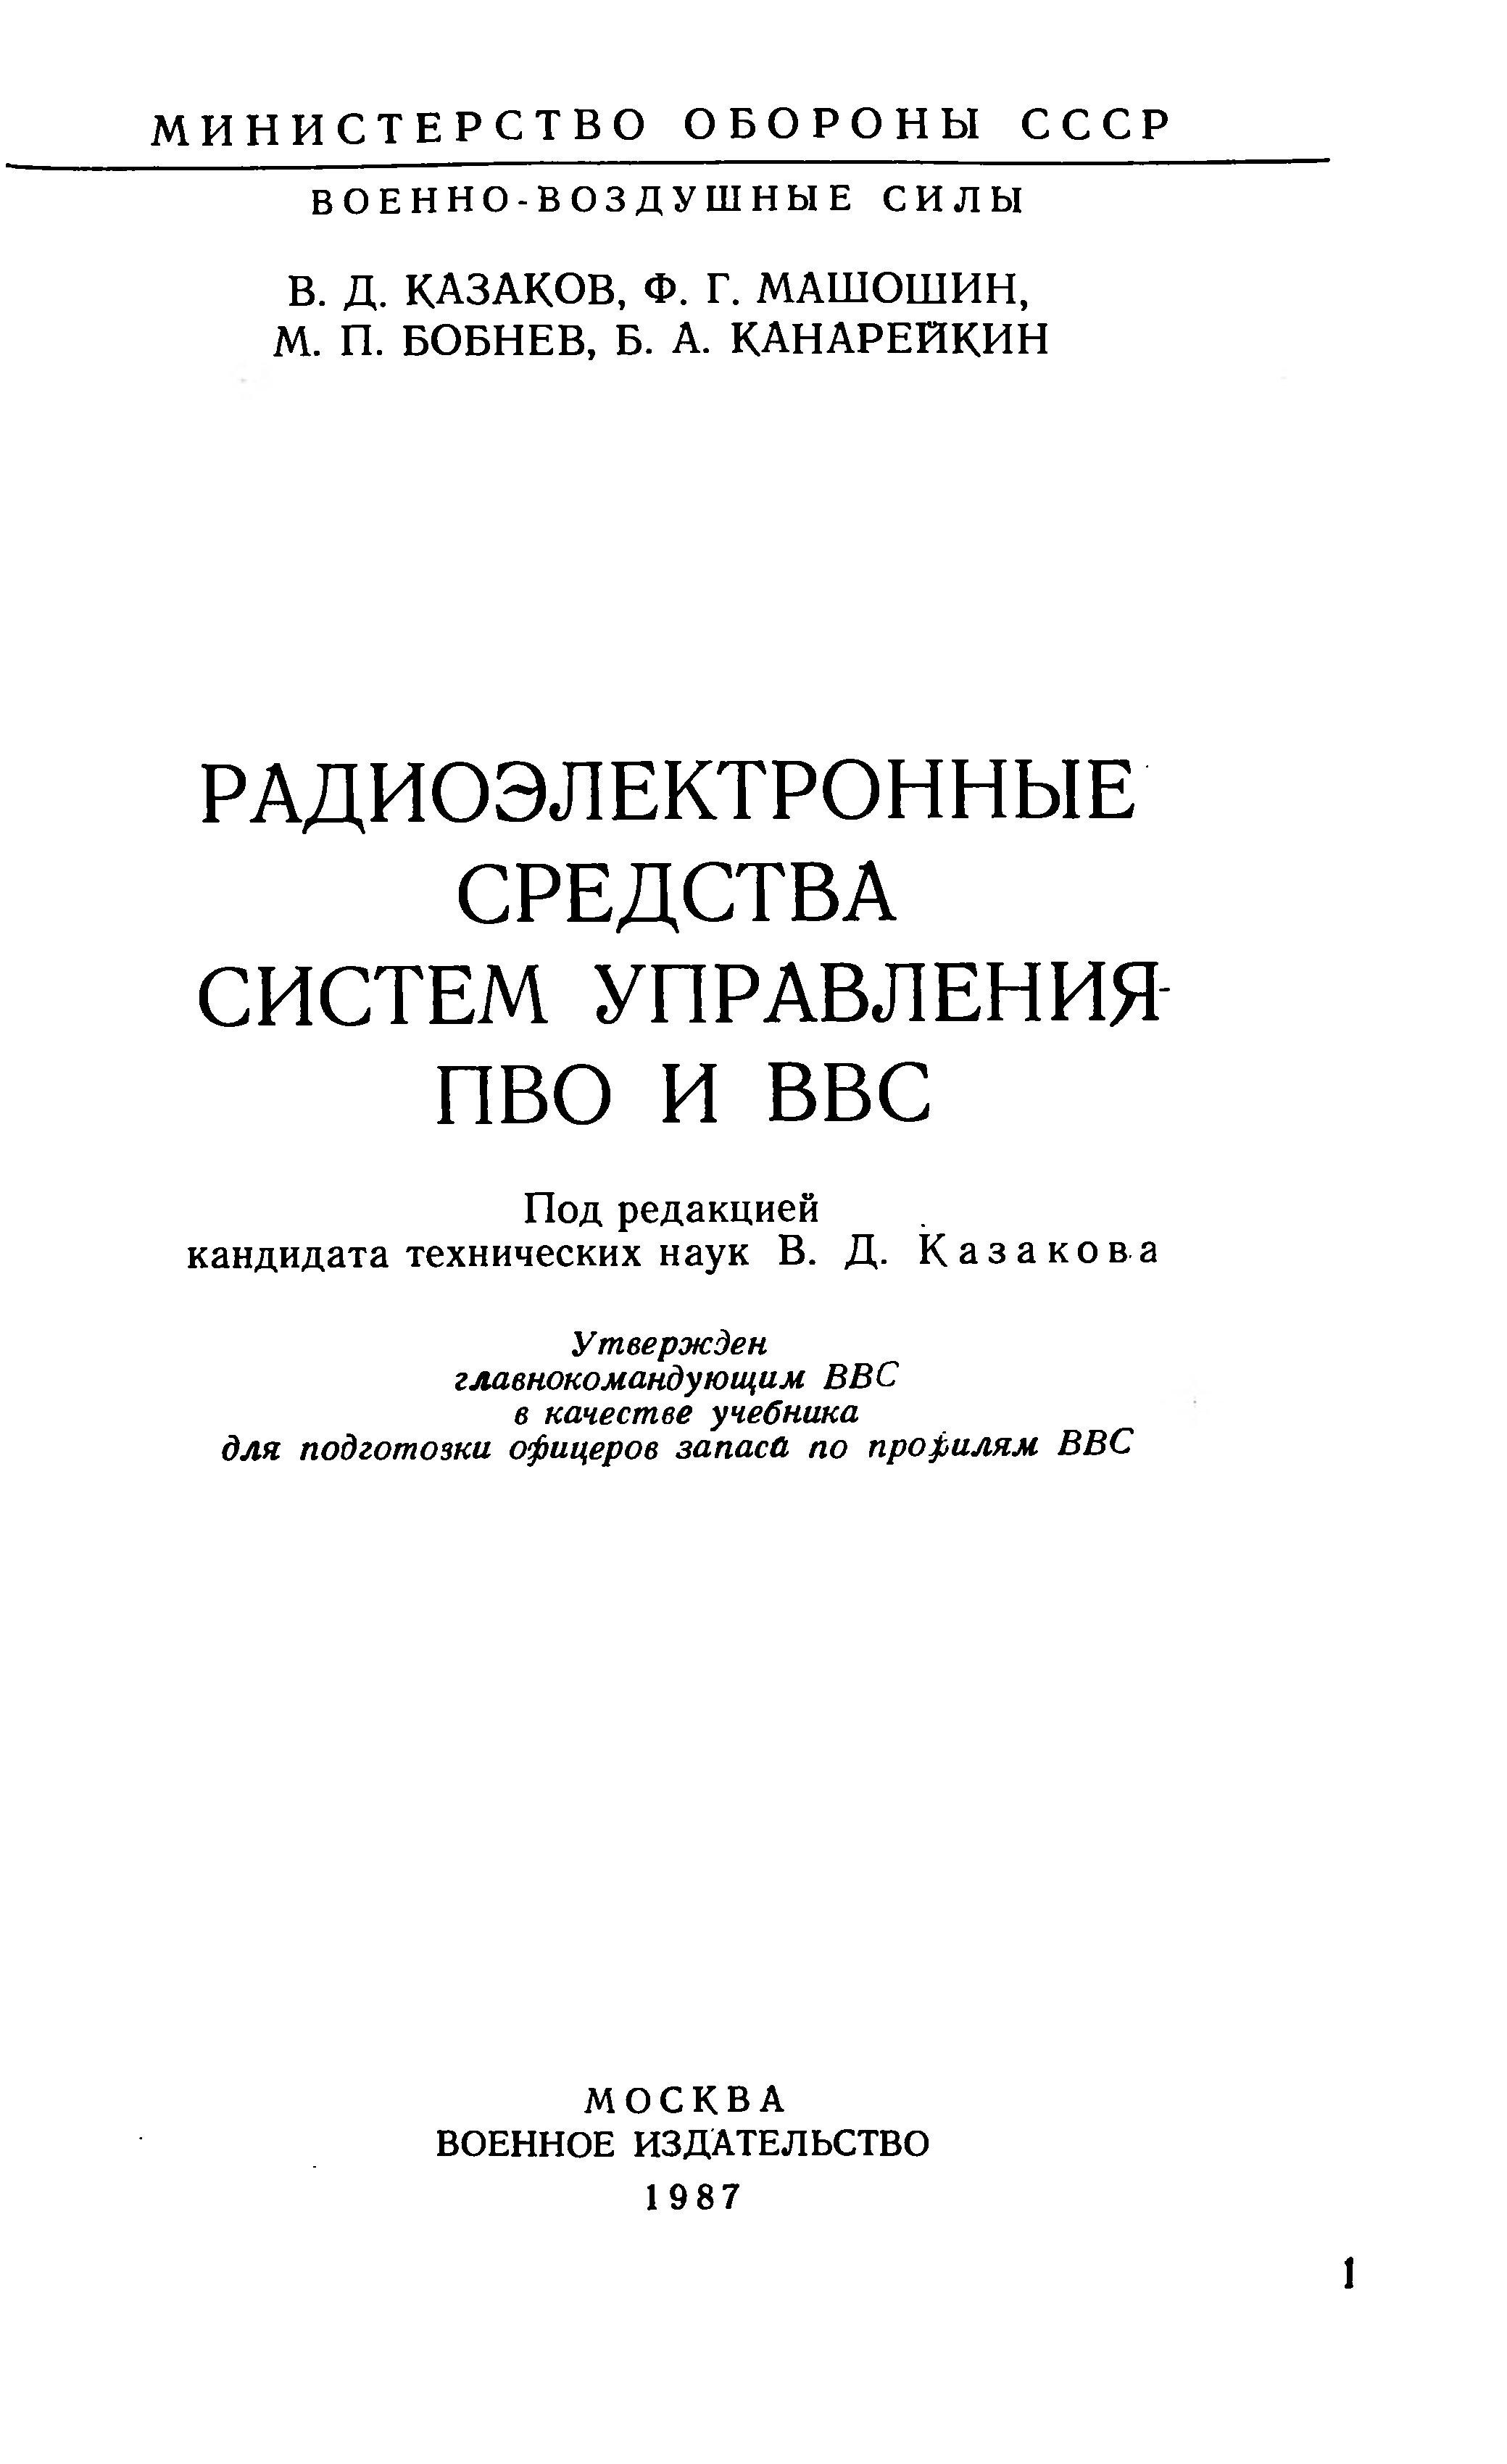 Радиоэлектронные средства систем управления ПВО и ВВС